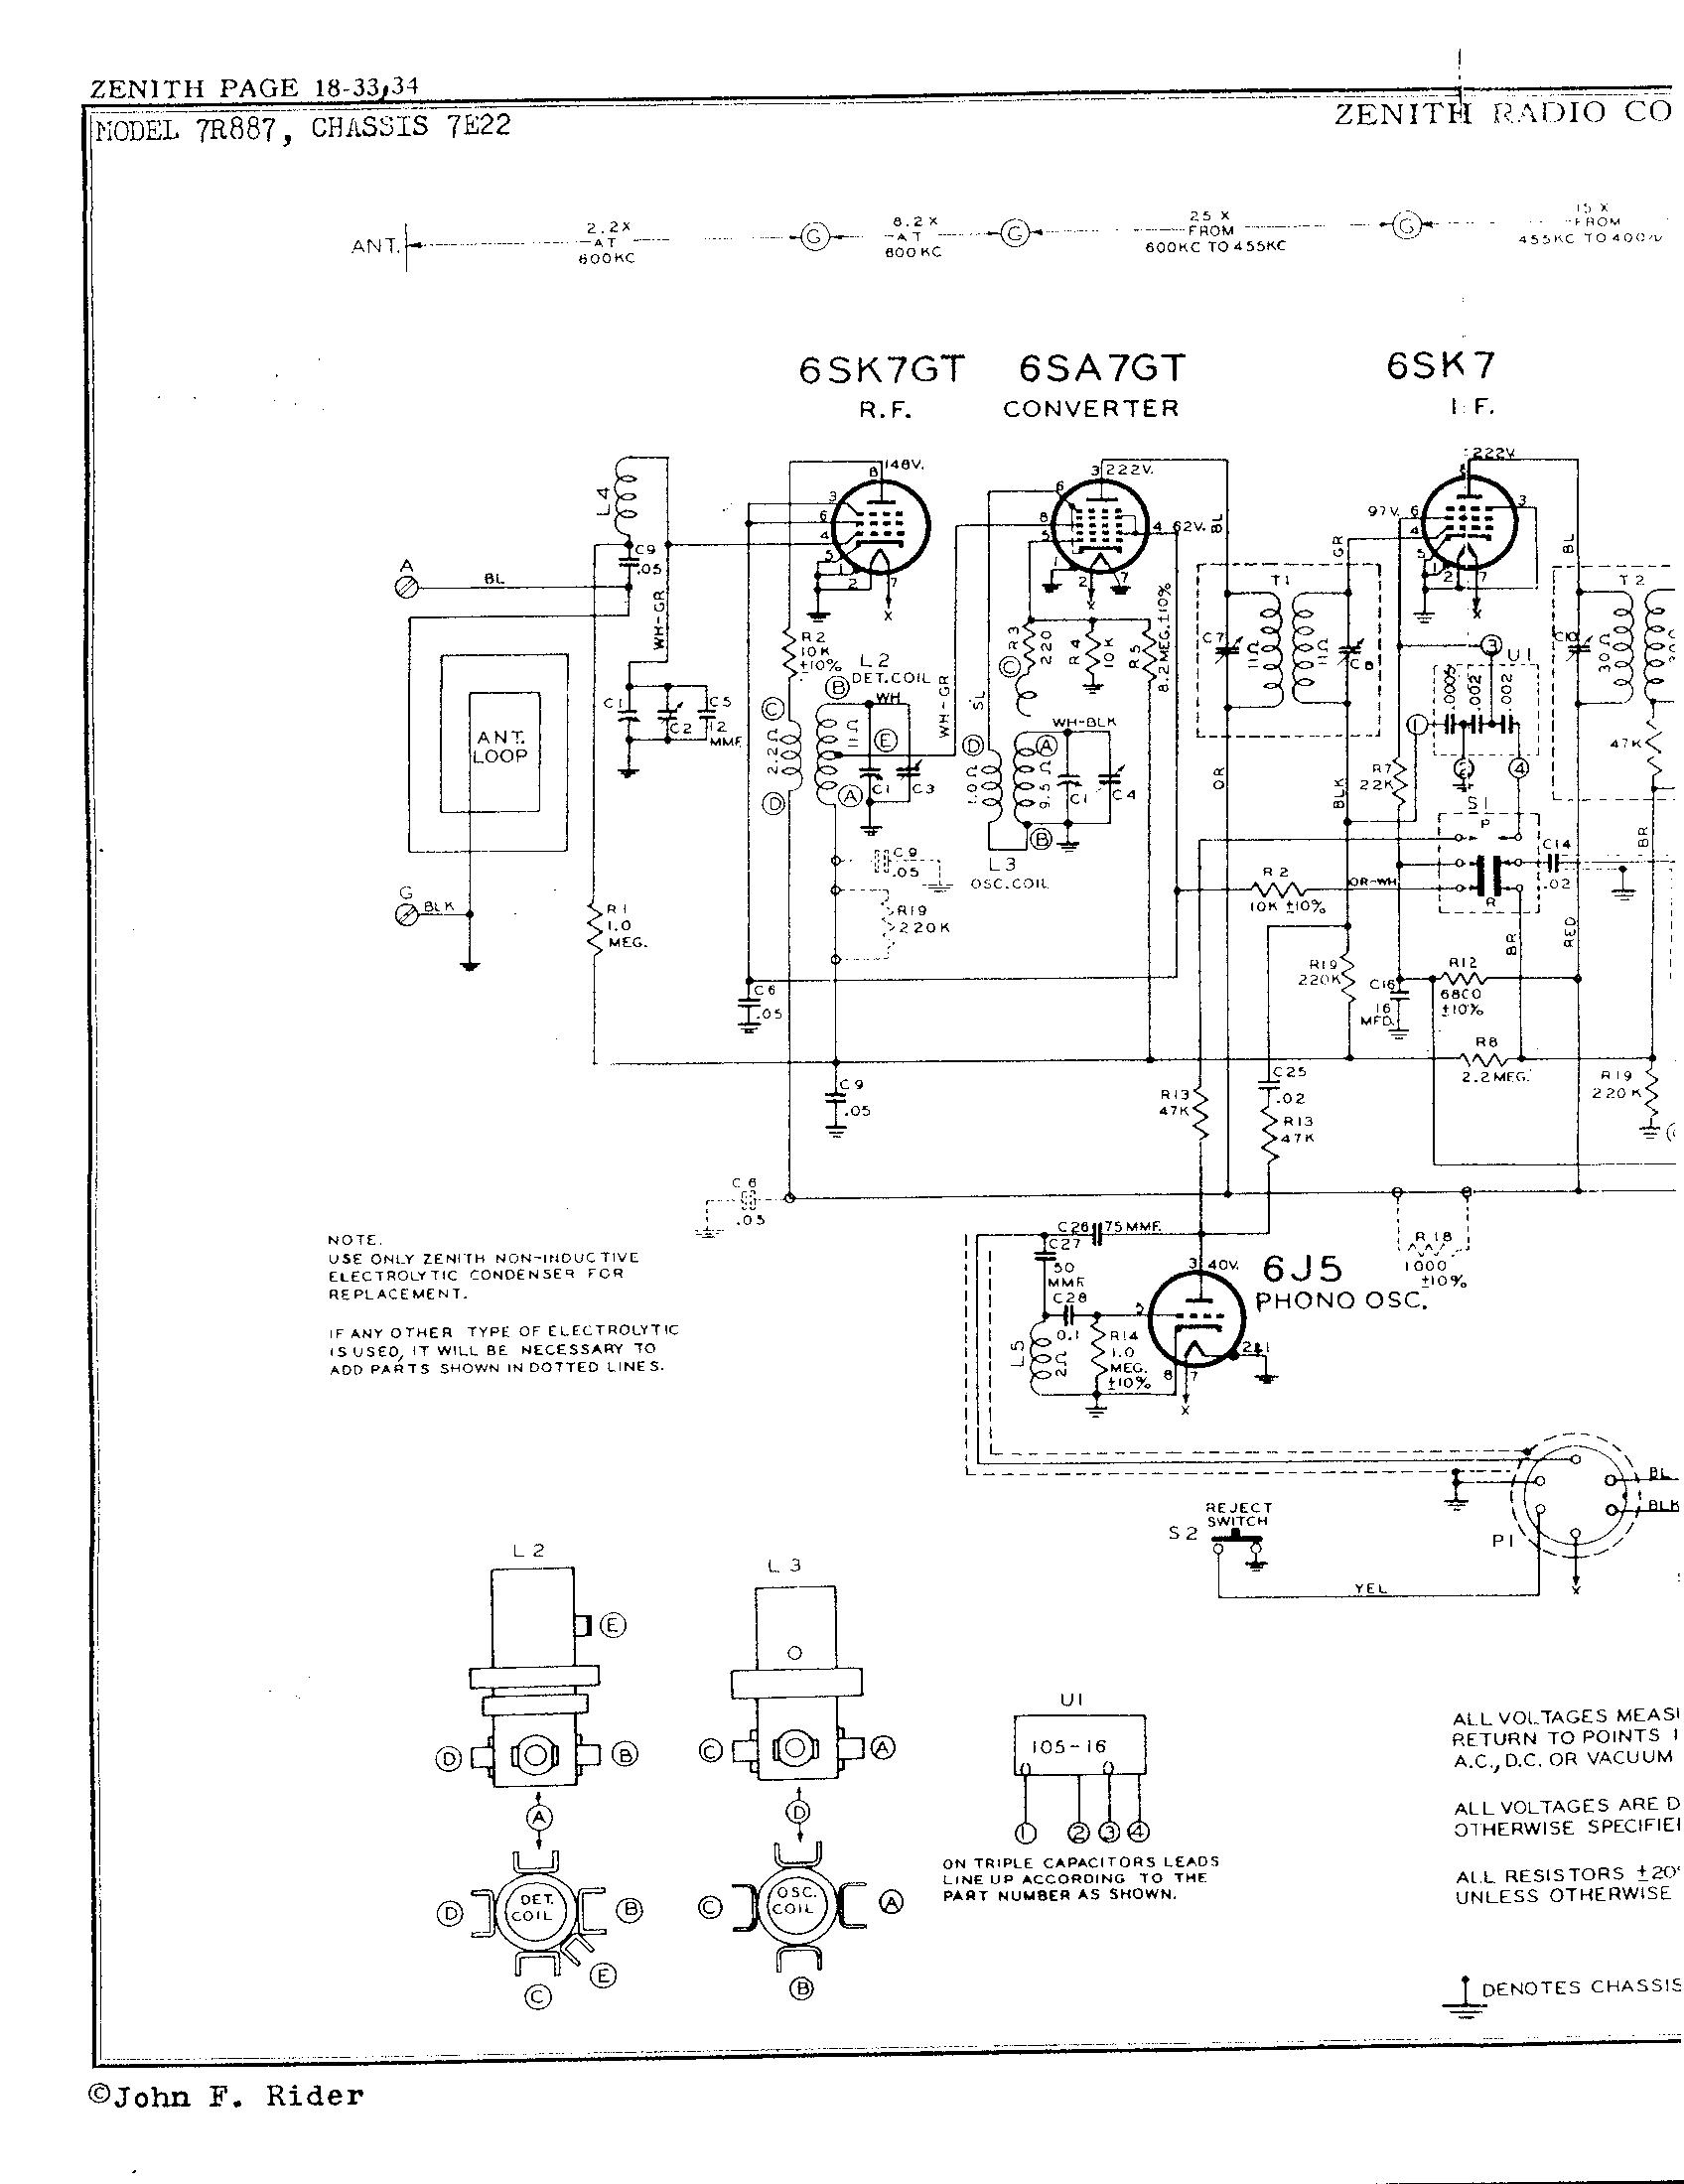 Zenith Radio Corp 7r887